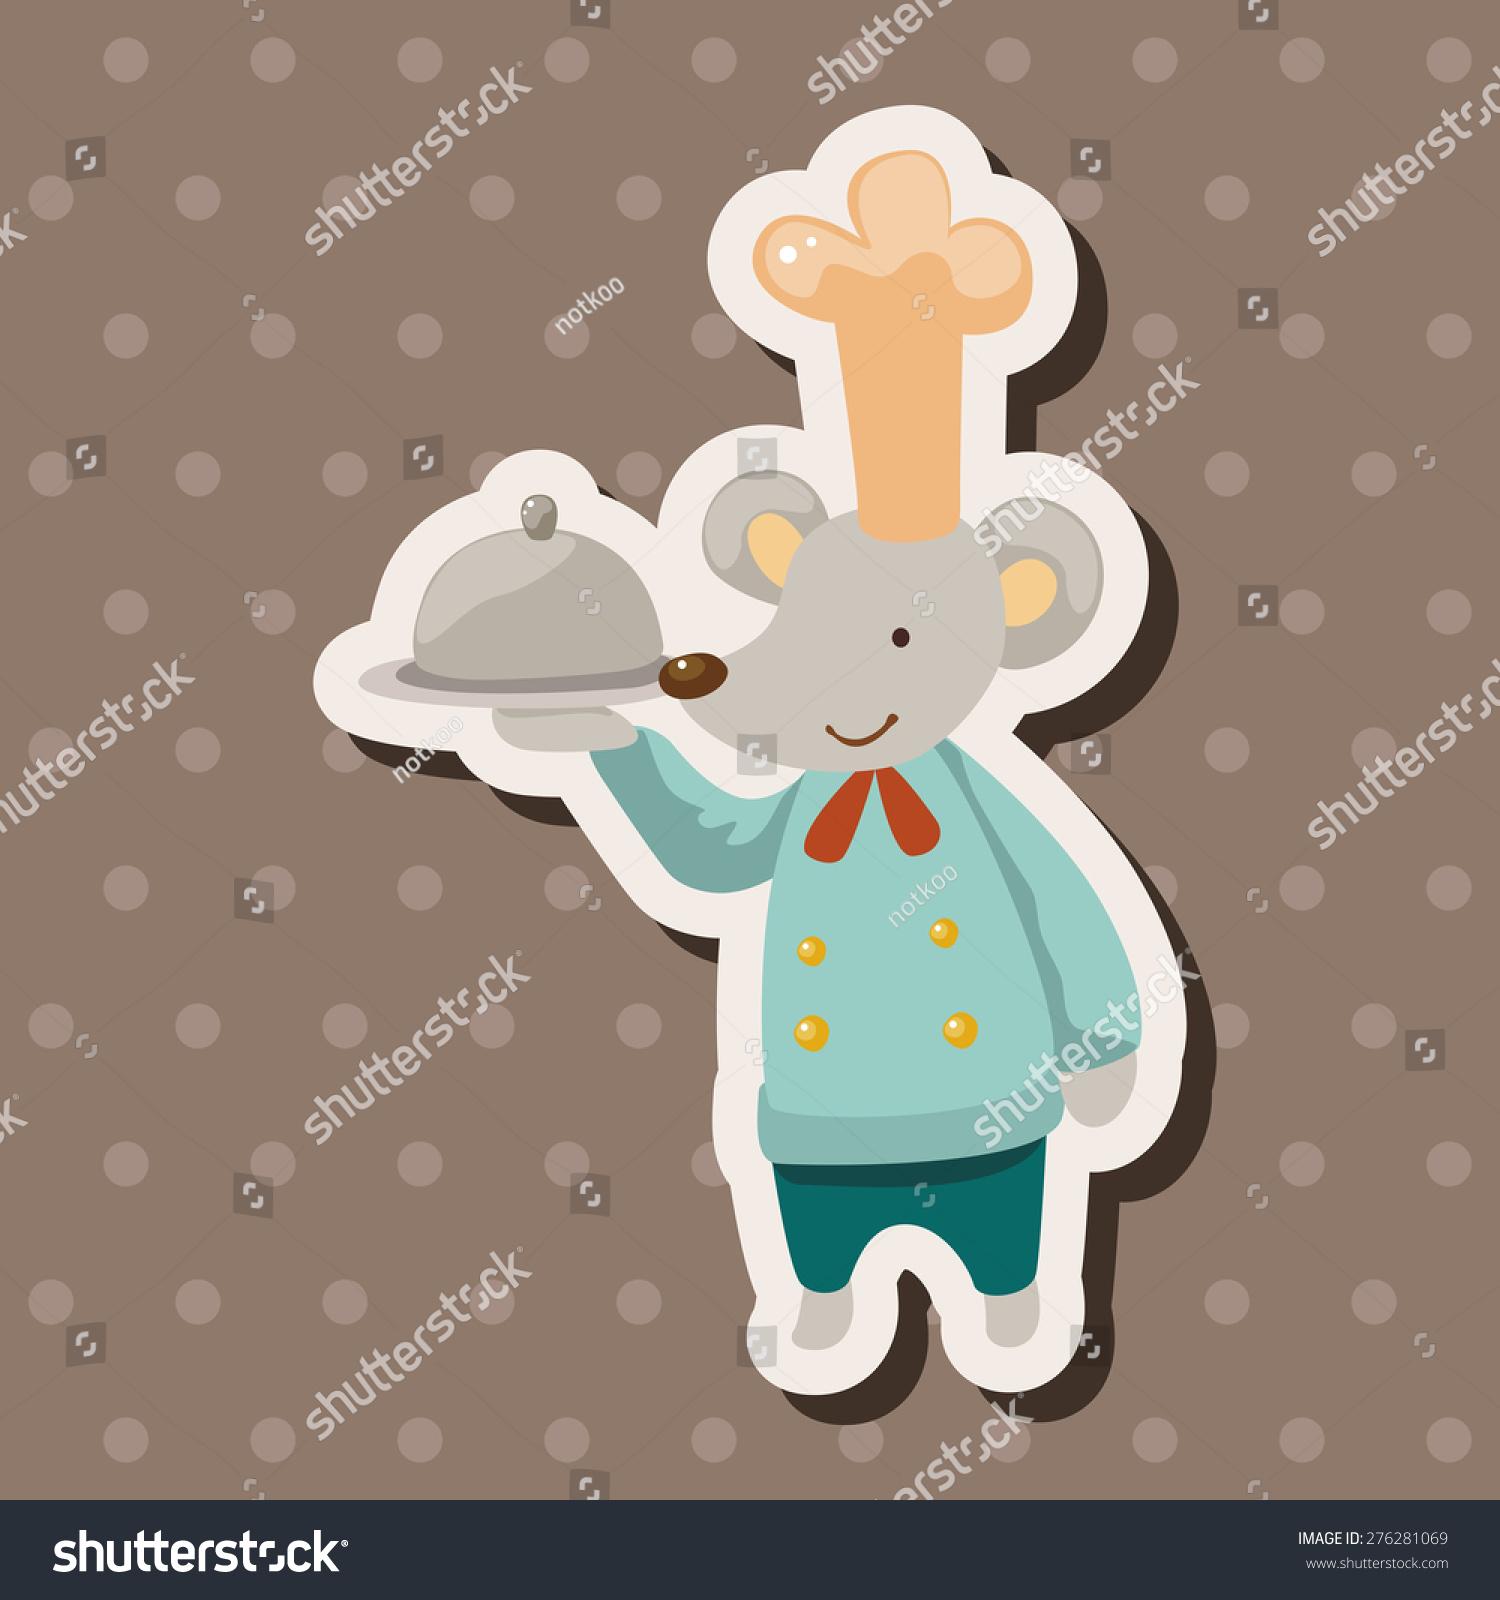 动物鼠标厨师卡通,卡通贴纸图标-物体-海洛创意()-合